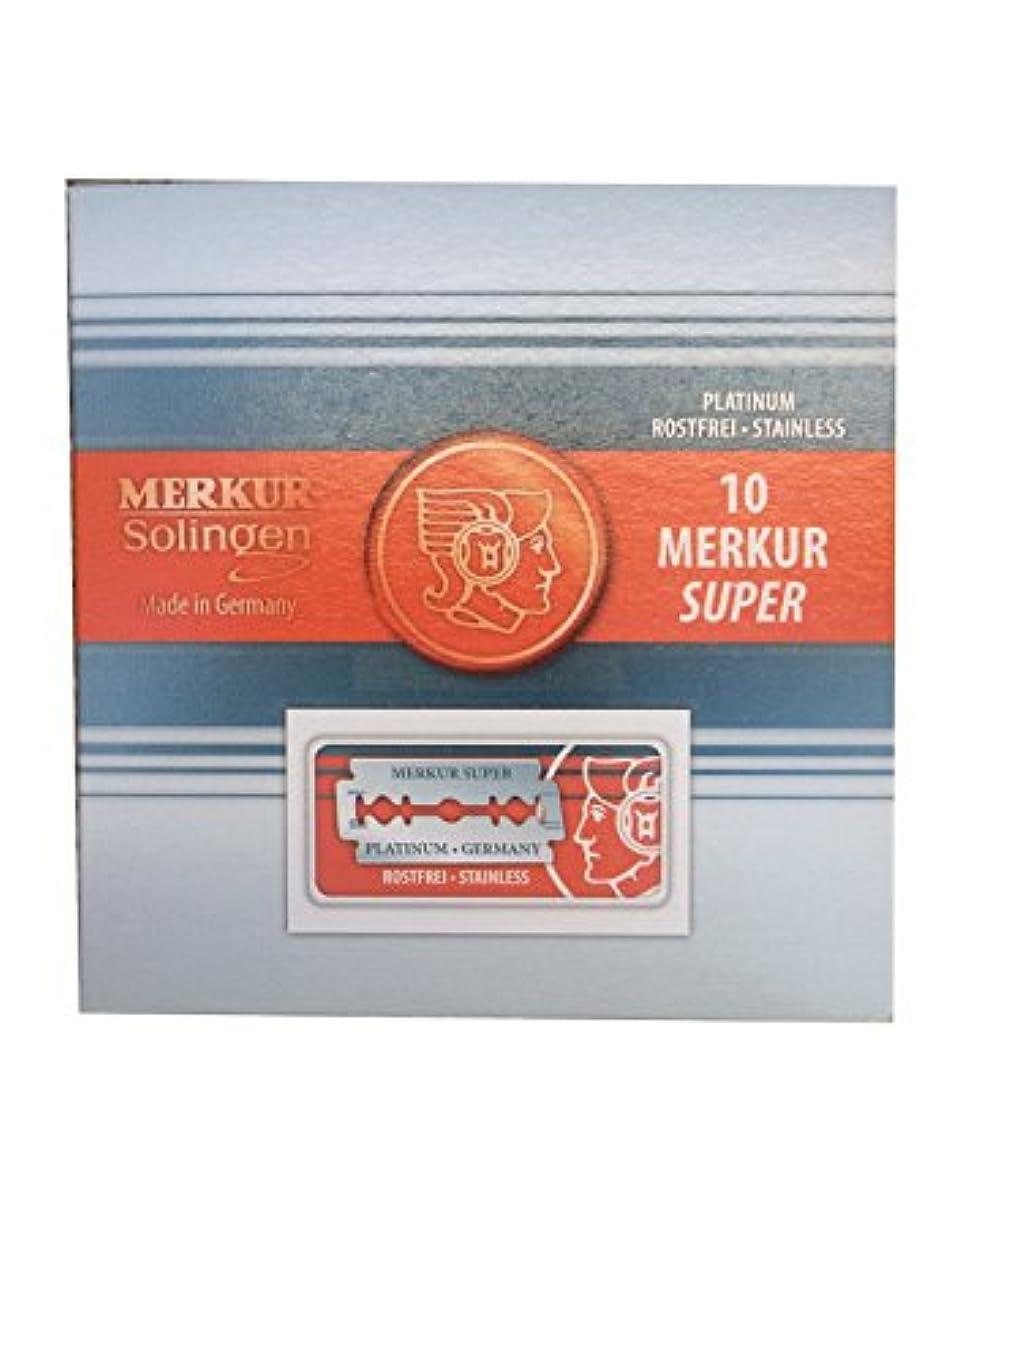 ふりをする製造業連帯Merkur Super Platinum 両刃替刃 100枚入り(10枚入り10 個セット)【並行輸入品】